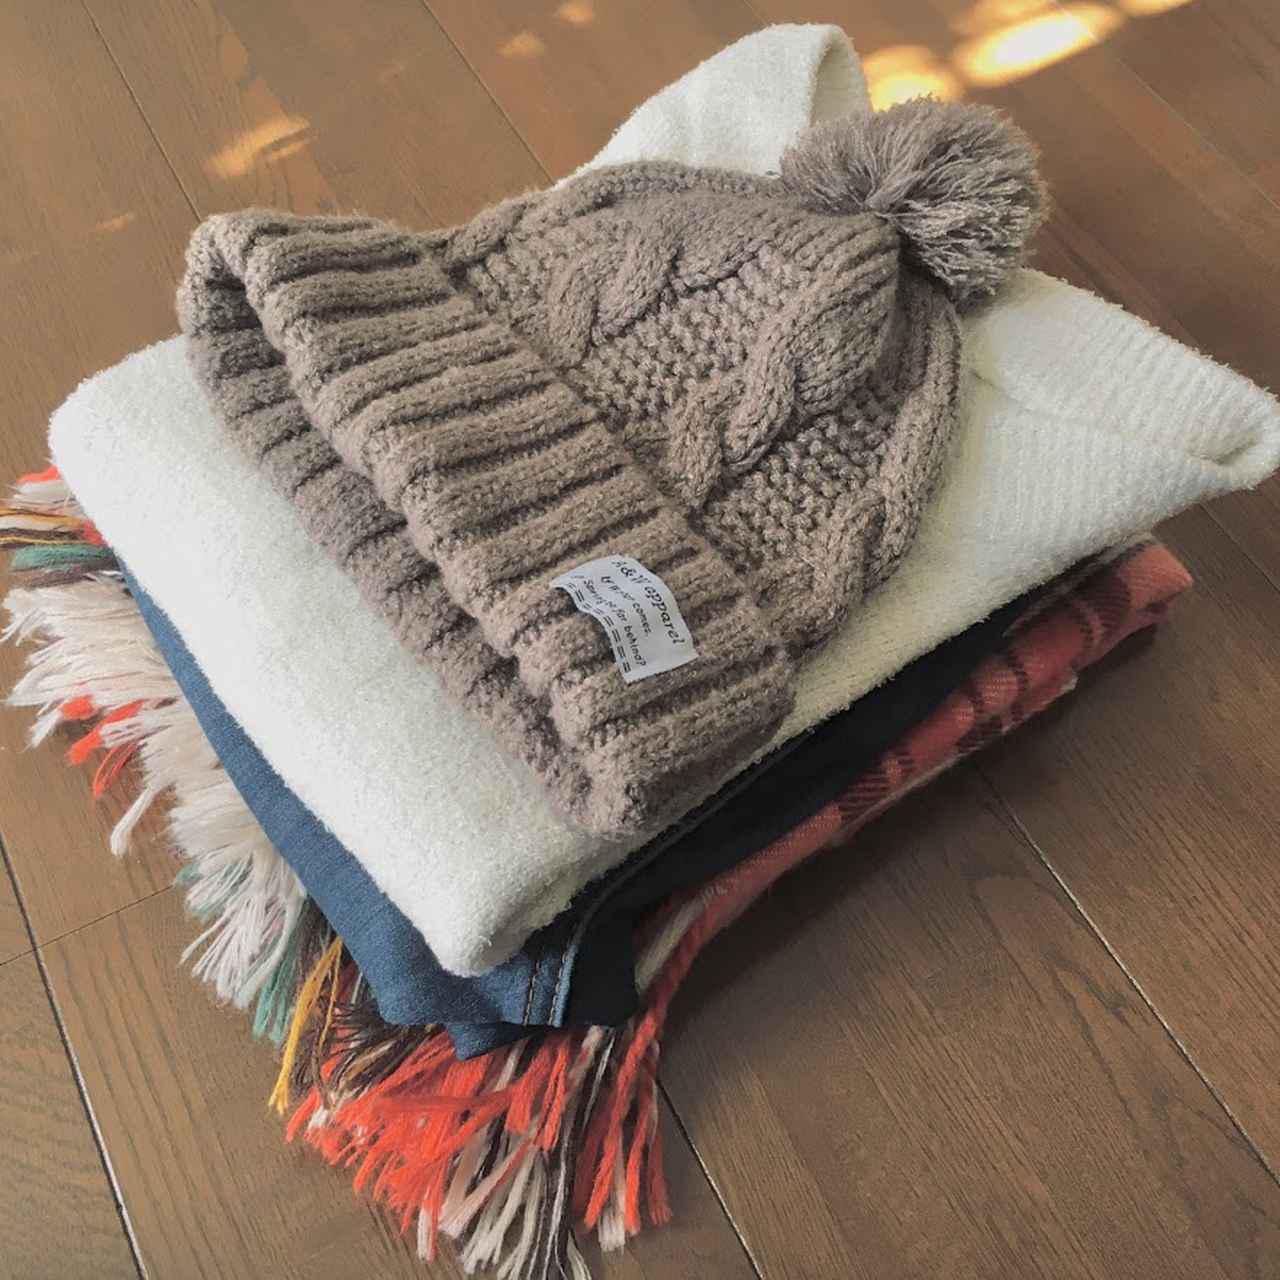 画像: 【しまパト必須!】しまむらで冬キャンプコーデ 筆者おすすめプチプラファッション - ハピキャン(HAPPY CAMPER)